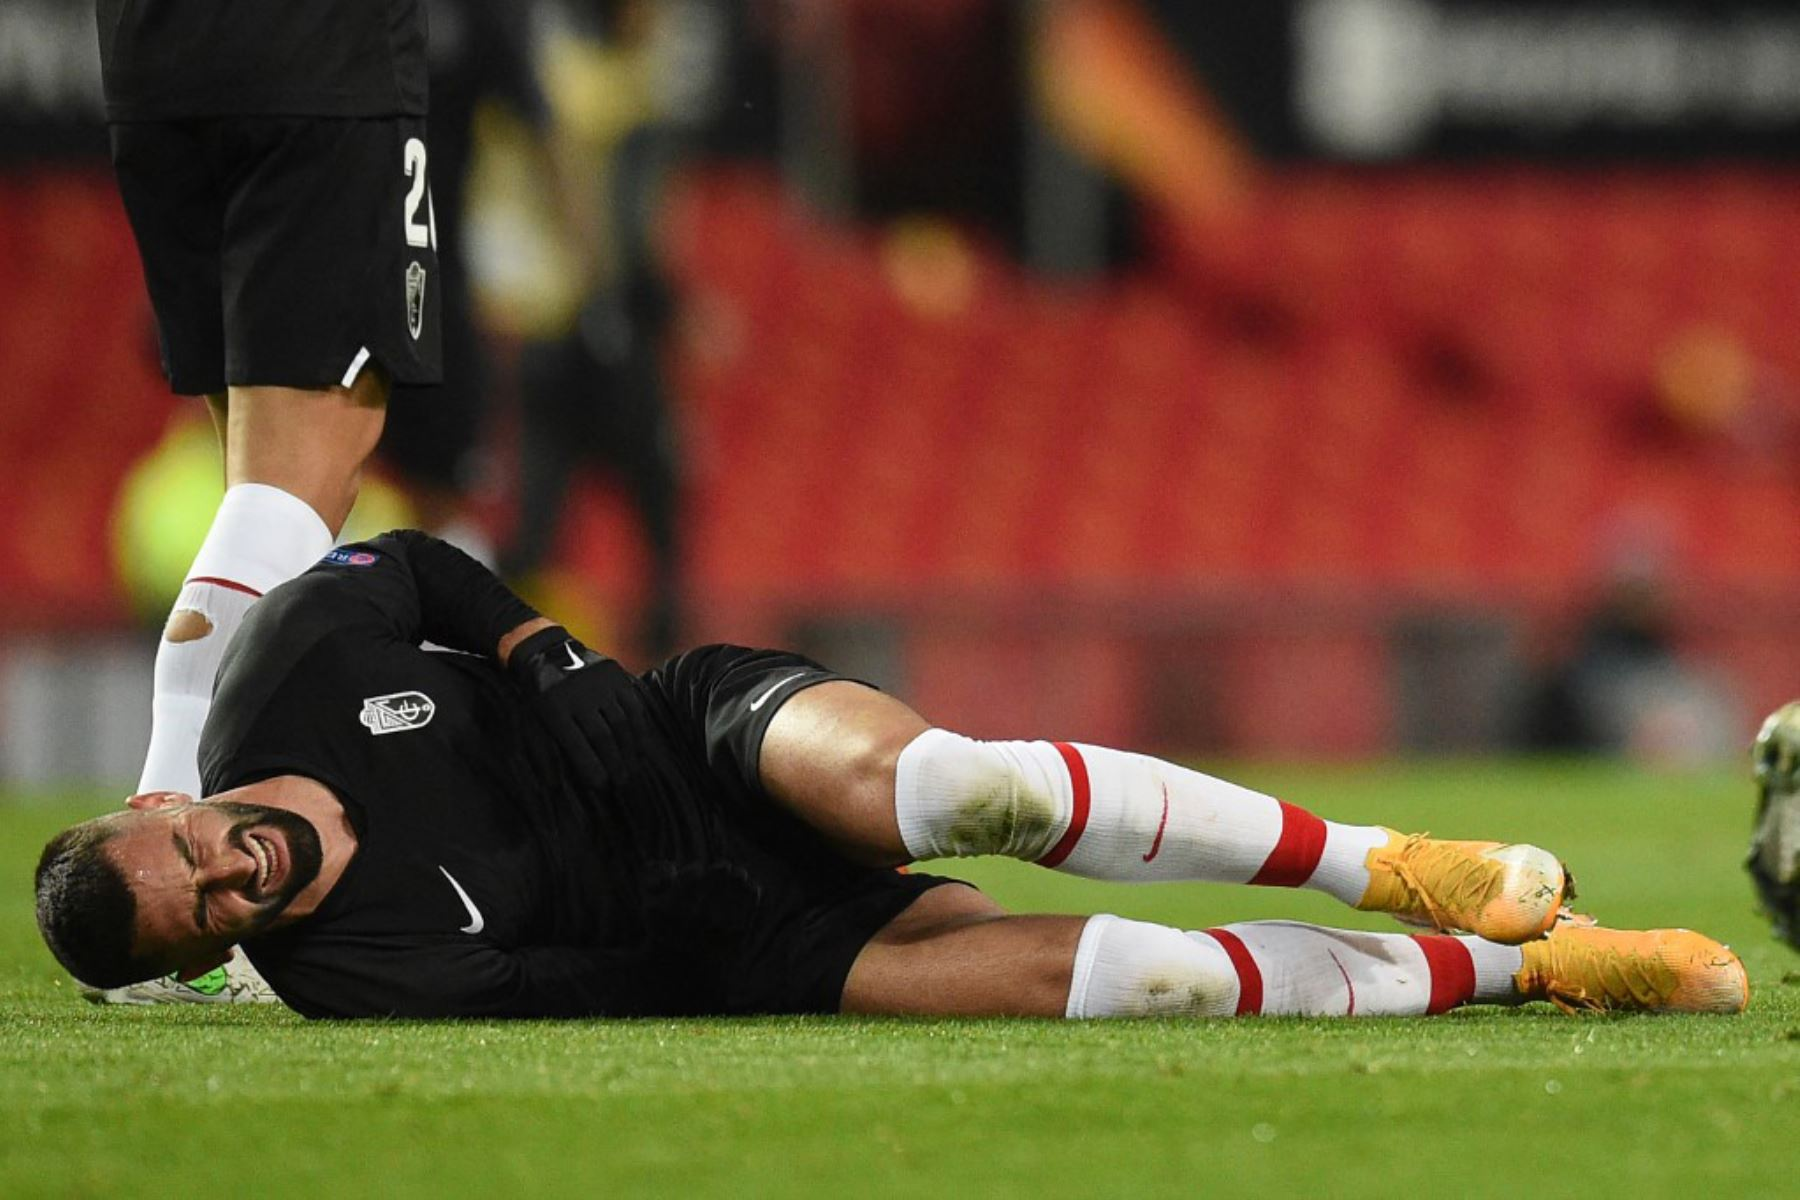 El centrocampista francés del Granada Maxime Gonalons se lesiona durante los cuartos de final de la UEFA Europa League, partido de vuelta entre el Manchester United y el Granada.  Foto:AFP